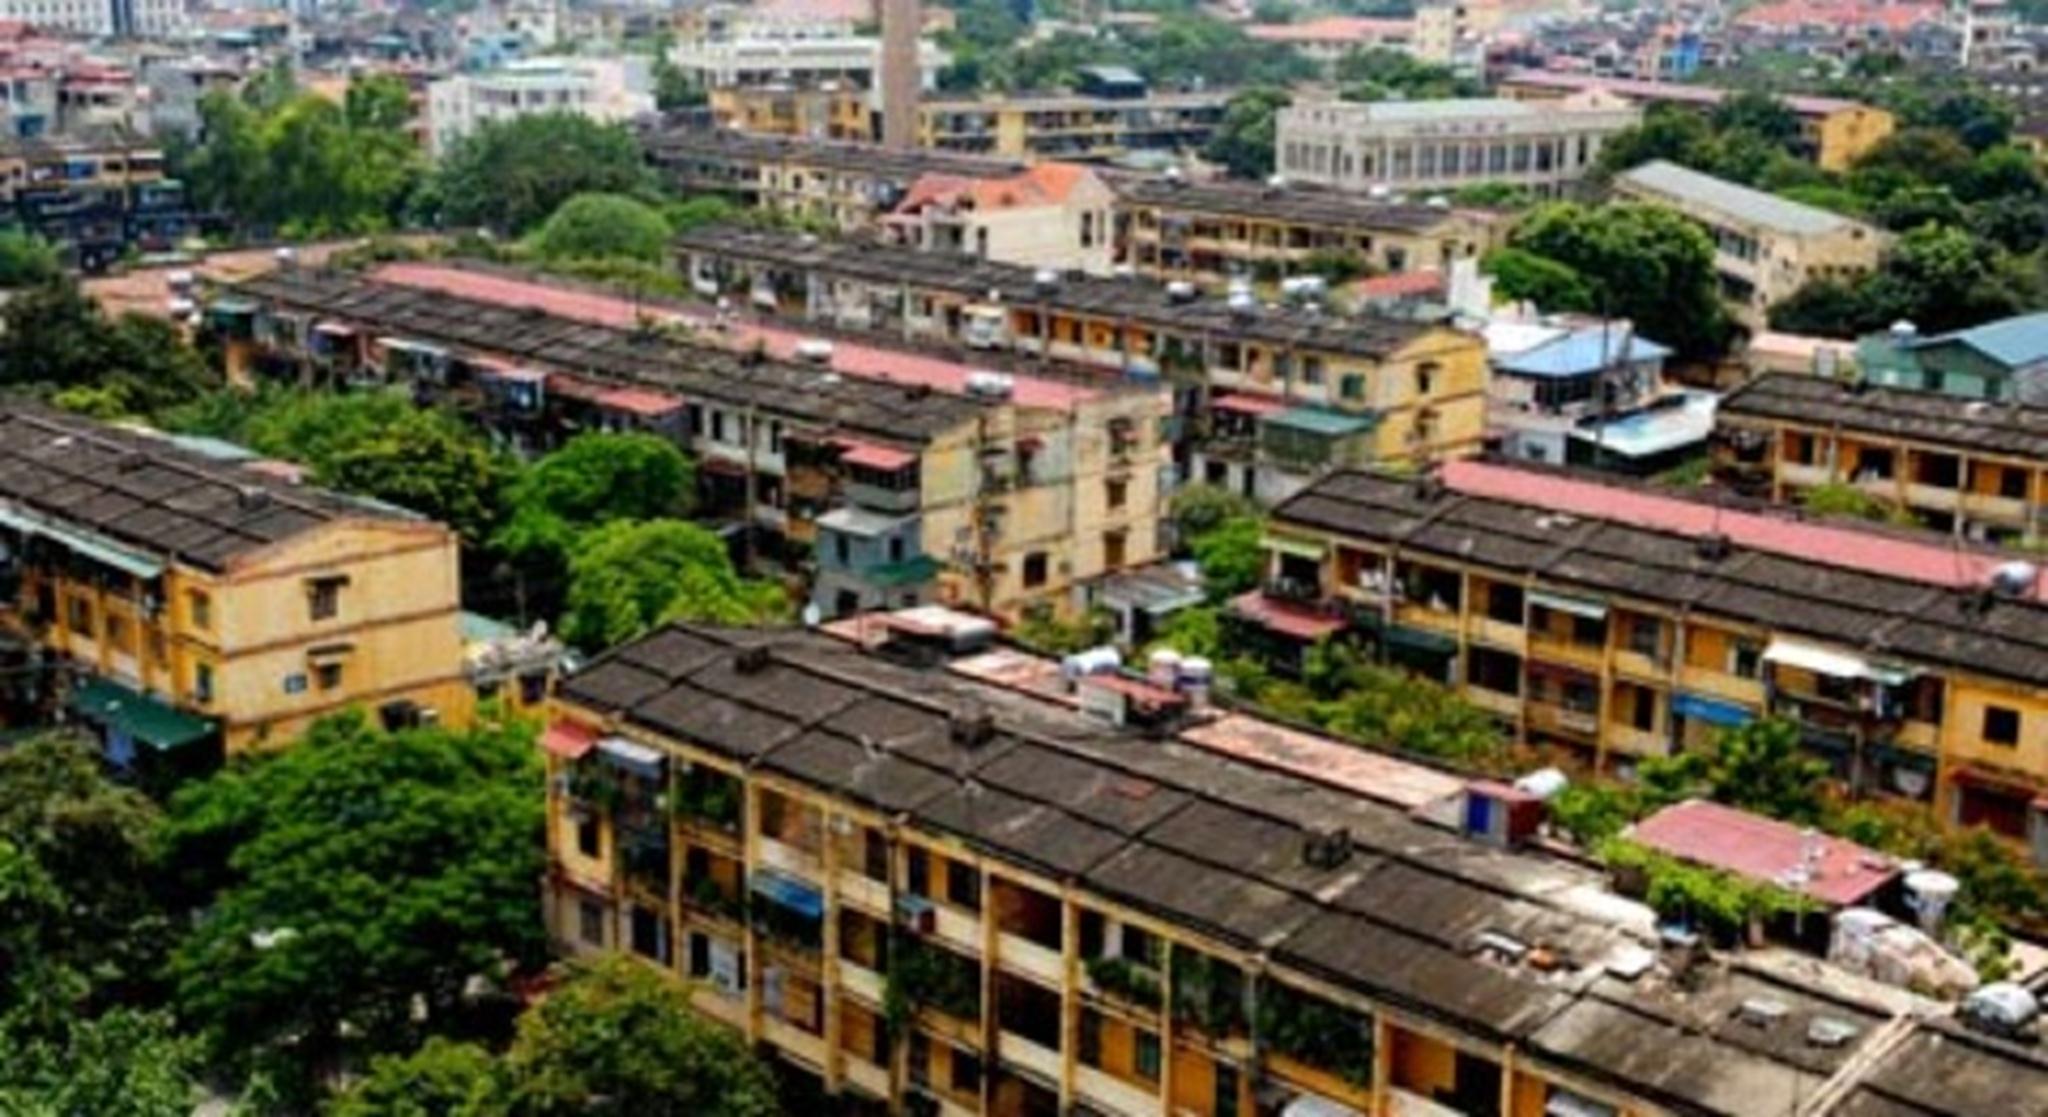 Thủ tục bán nhà ở cũ thuộc sở hữu nhà nước